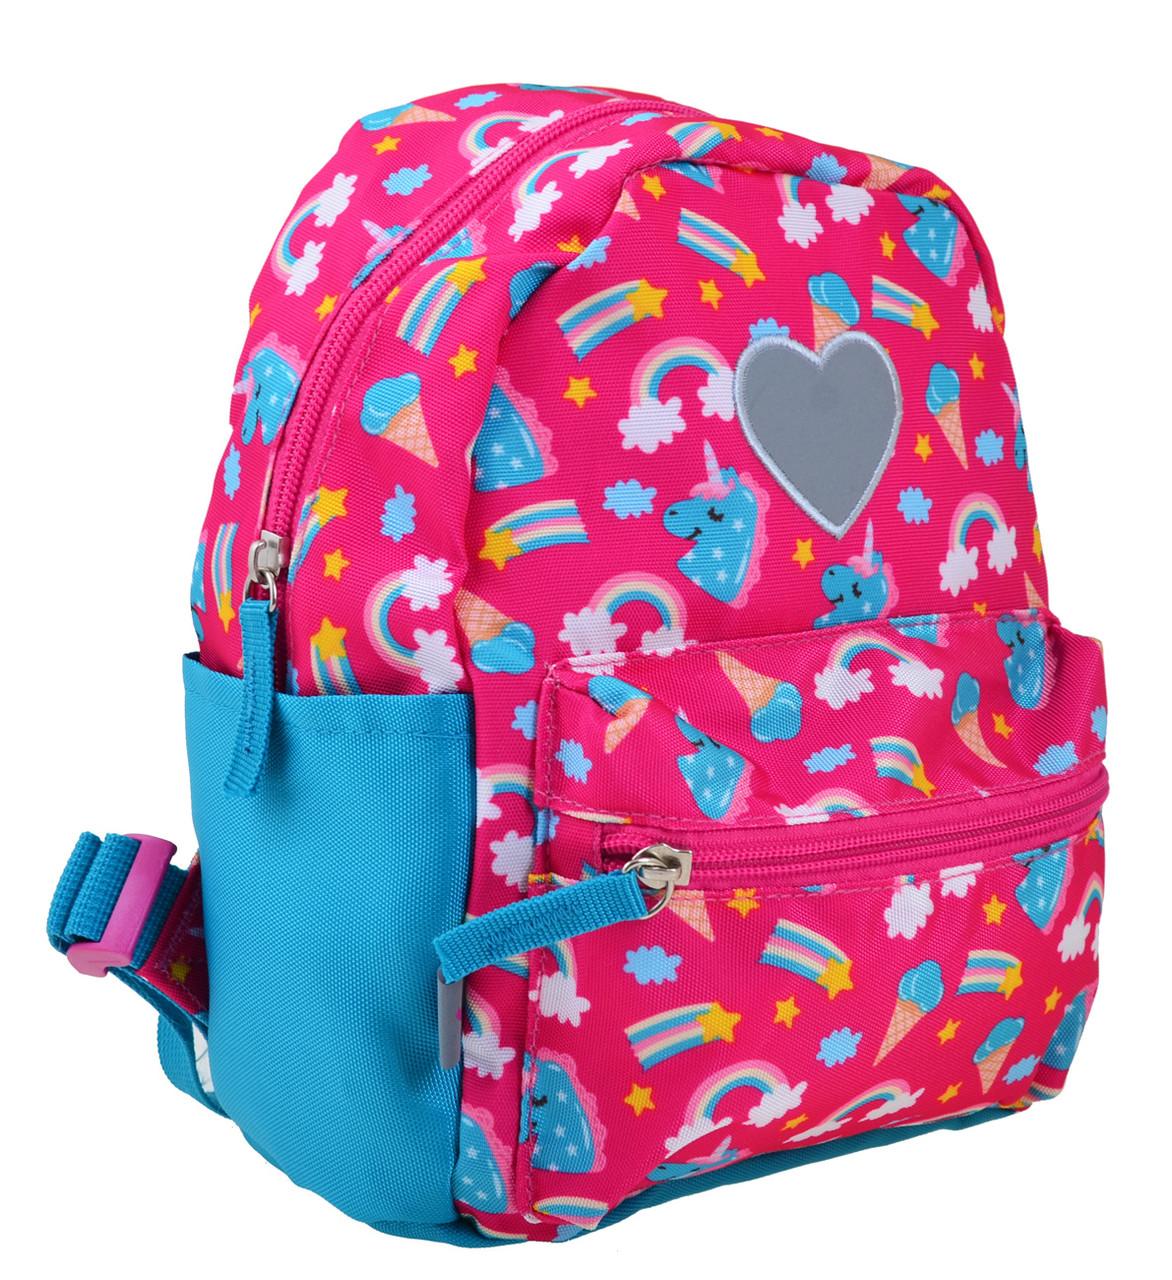 Рюкзак детский дошкольный YES K-19 Unicorn, 24.5*20*11 код: 555309